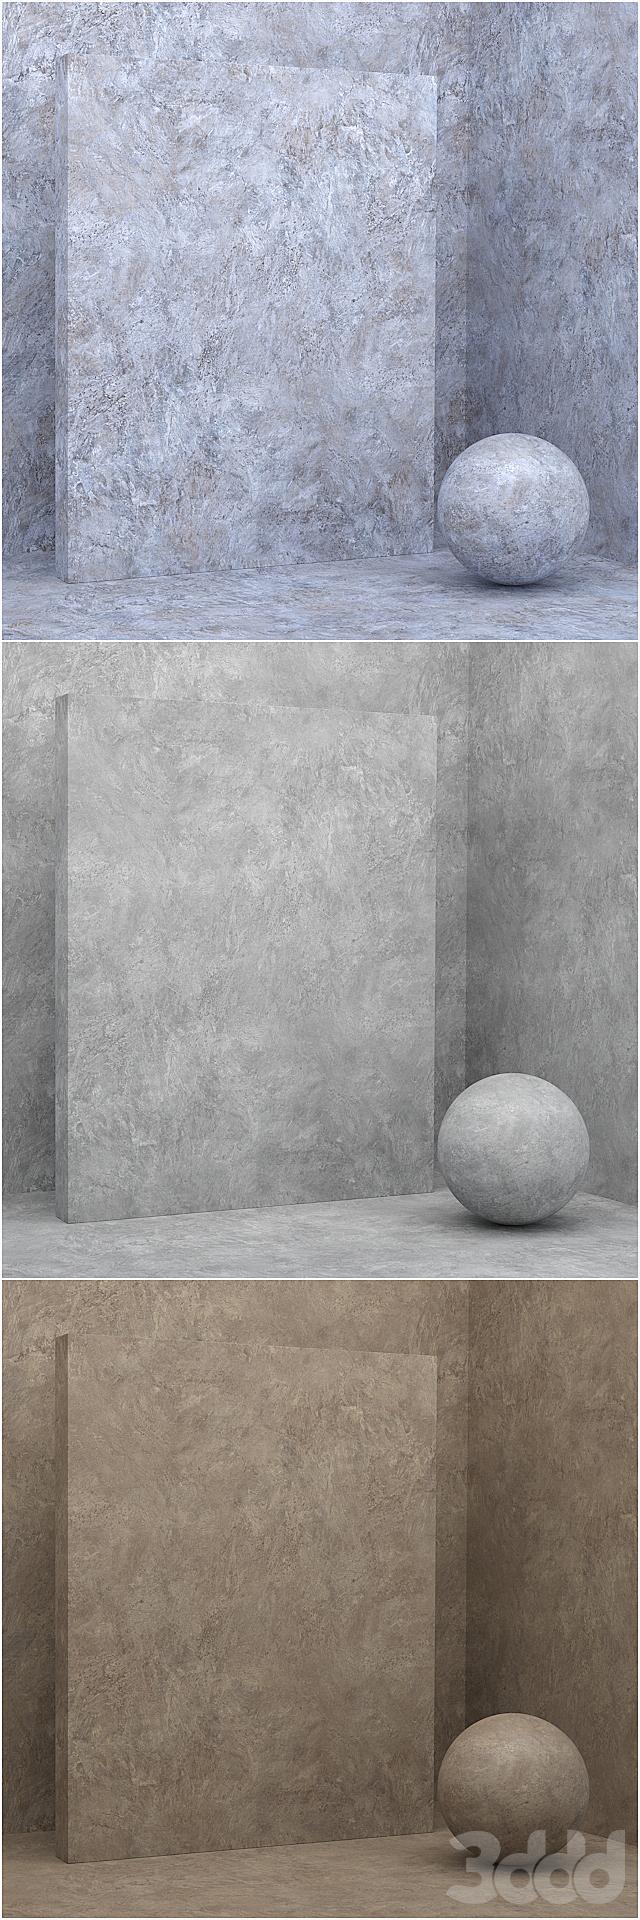 6 материалов (бесшовный) - камень, штукатурка - set 21